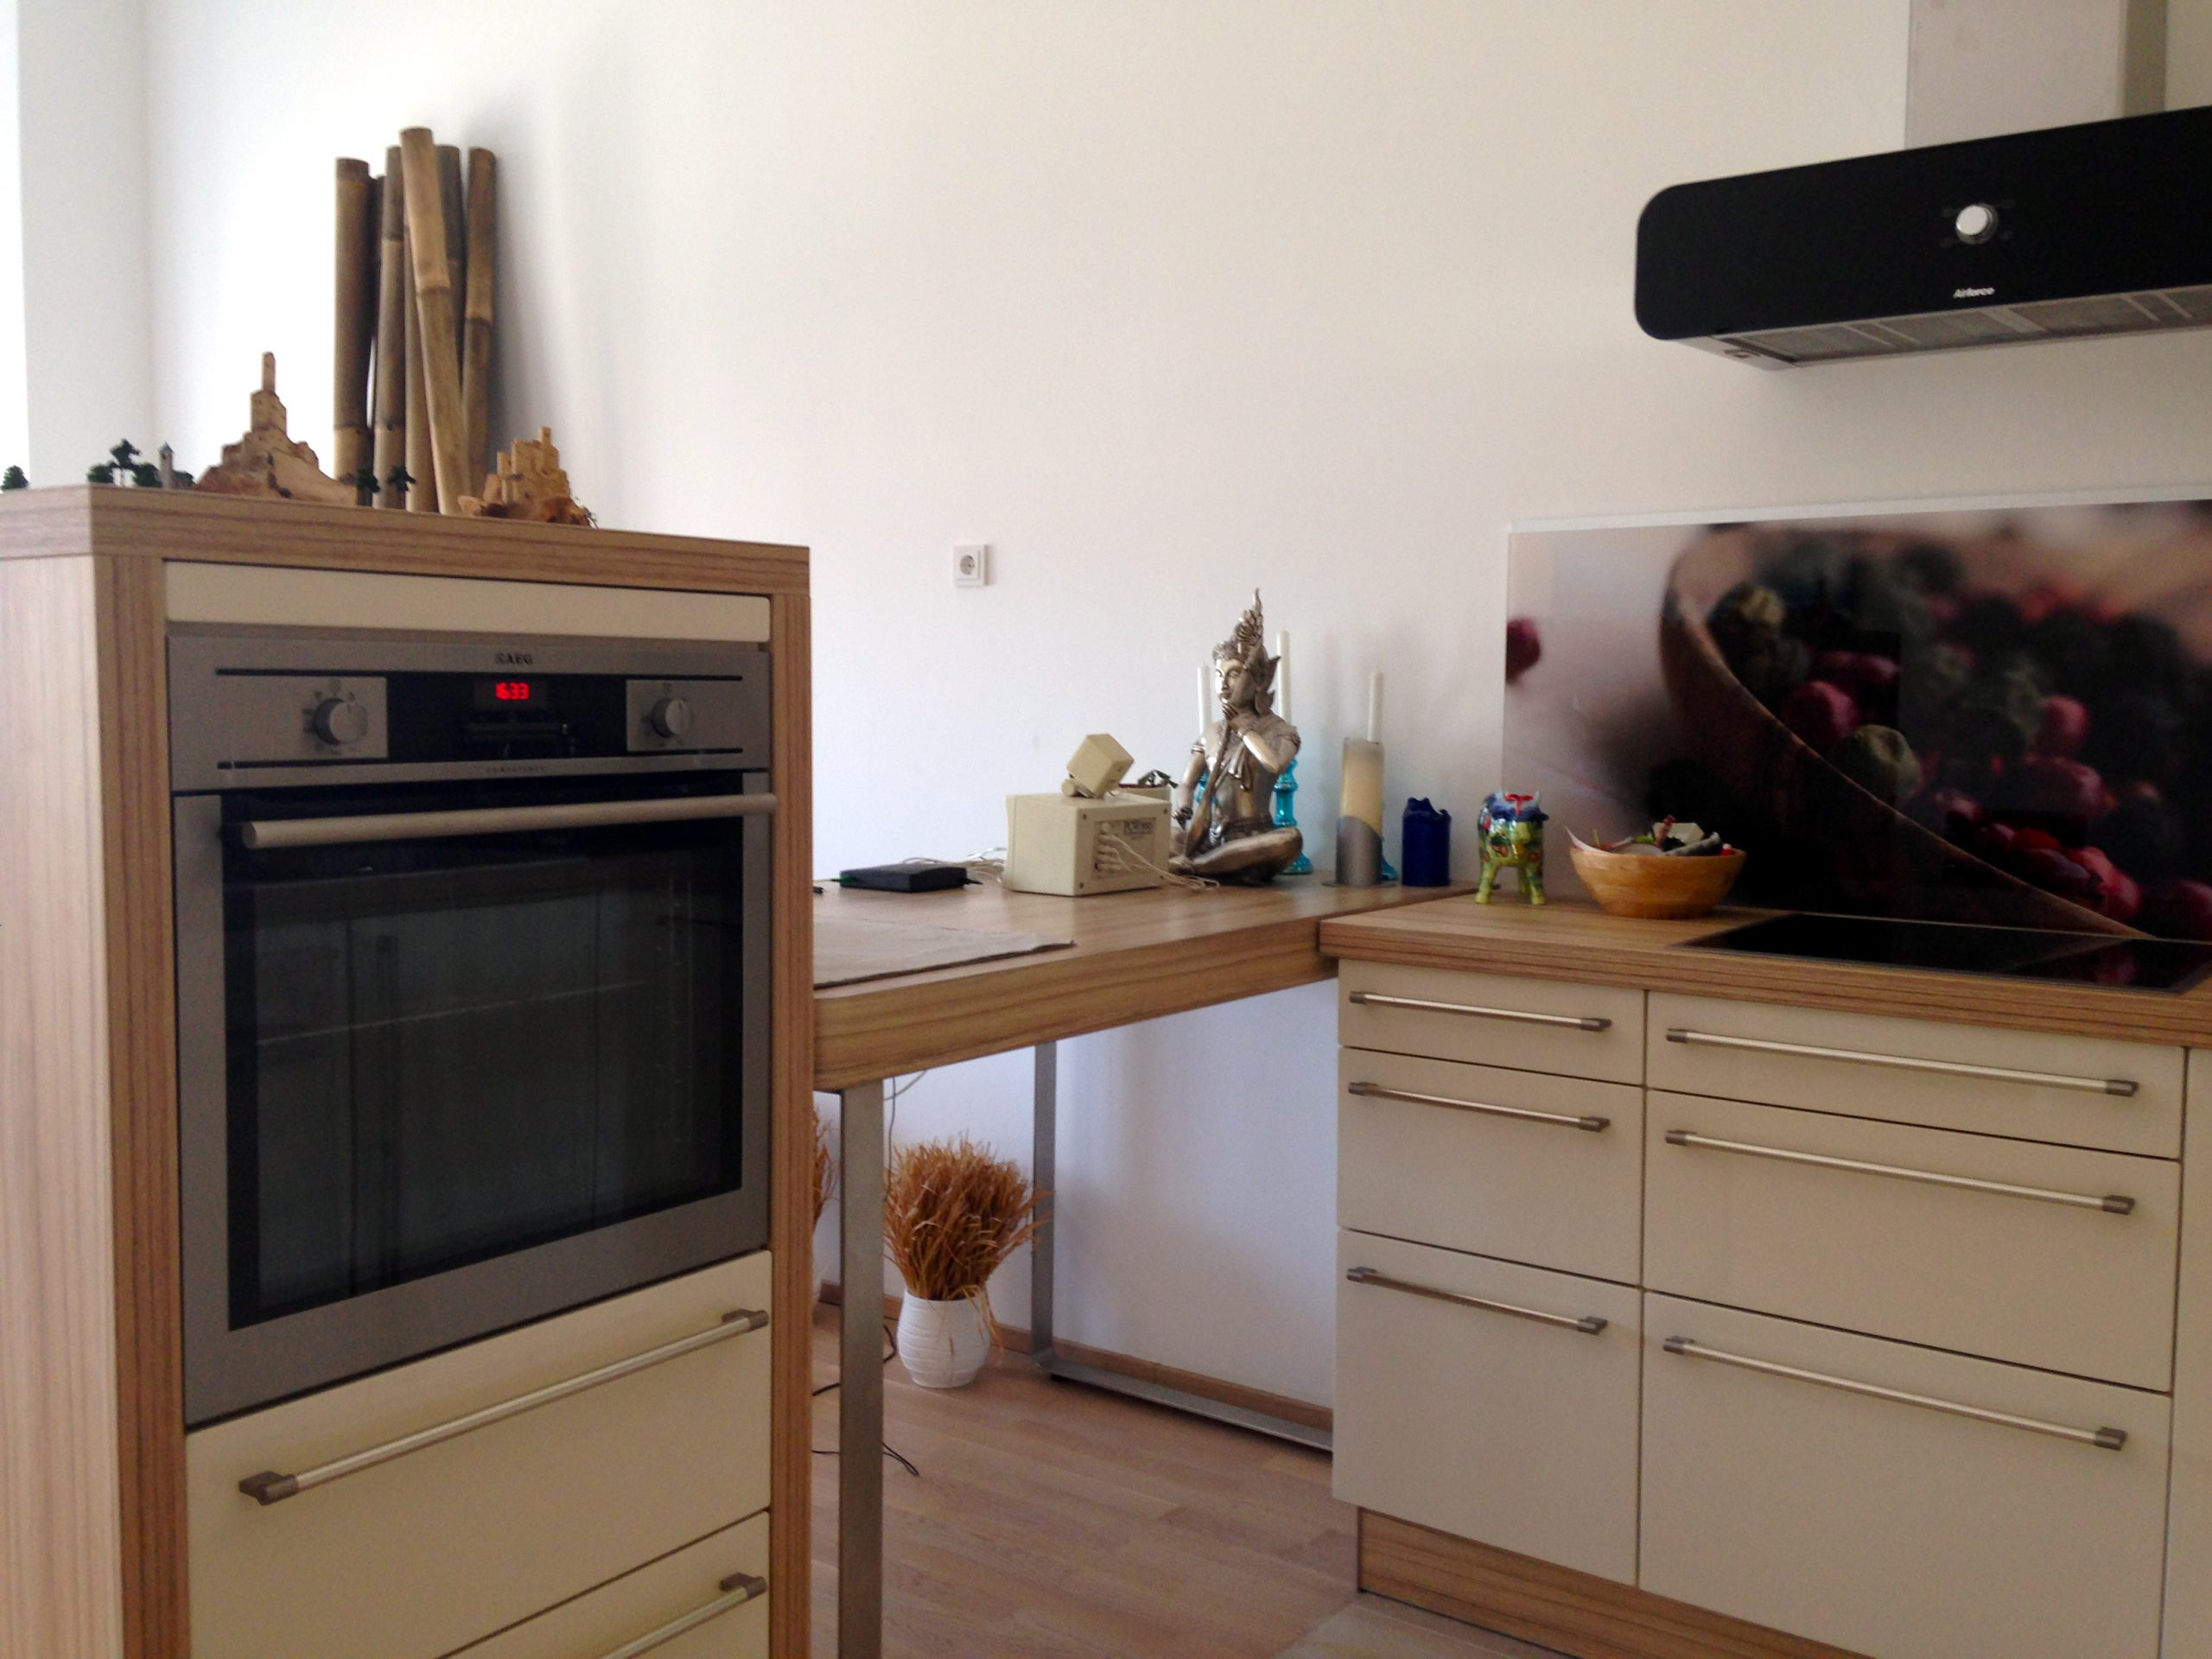 Full Size of Einbauküche Mit Elektrogeräten Und Geschirrspüler Einbauküche 260 Cm Mit Elektrogeräten Einbauküche Mit Elektrogeräten 220 Cm Einbauküche Mit Elektrogeräten Poco Küche Einbauküche Mit Elektrogeräten